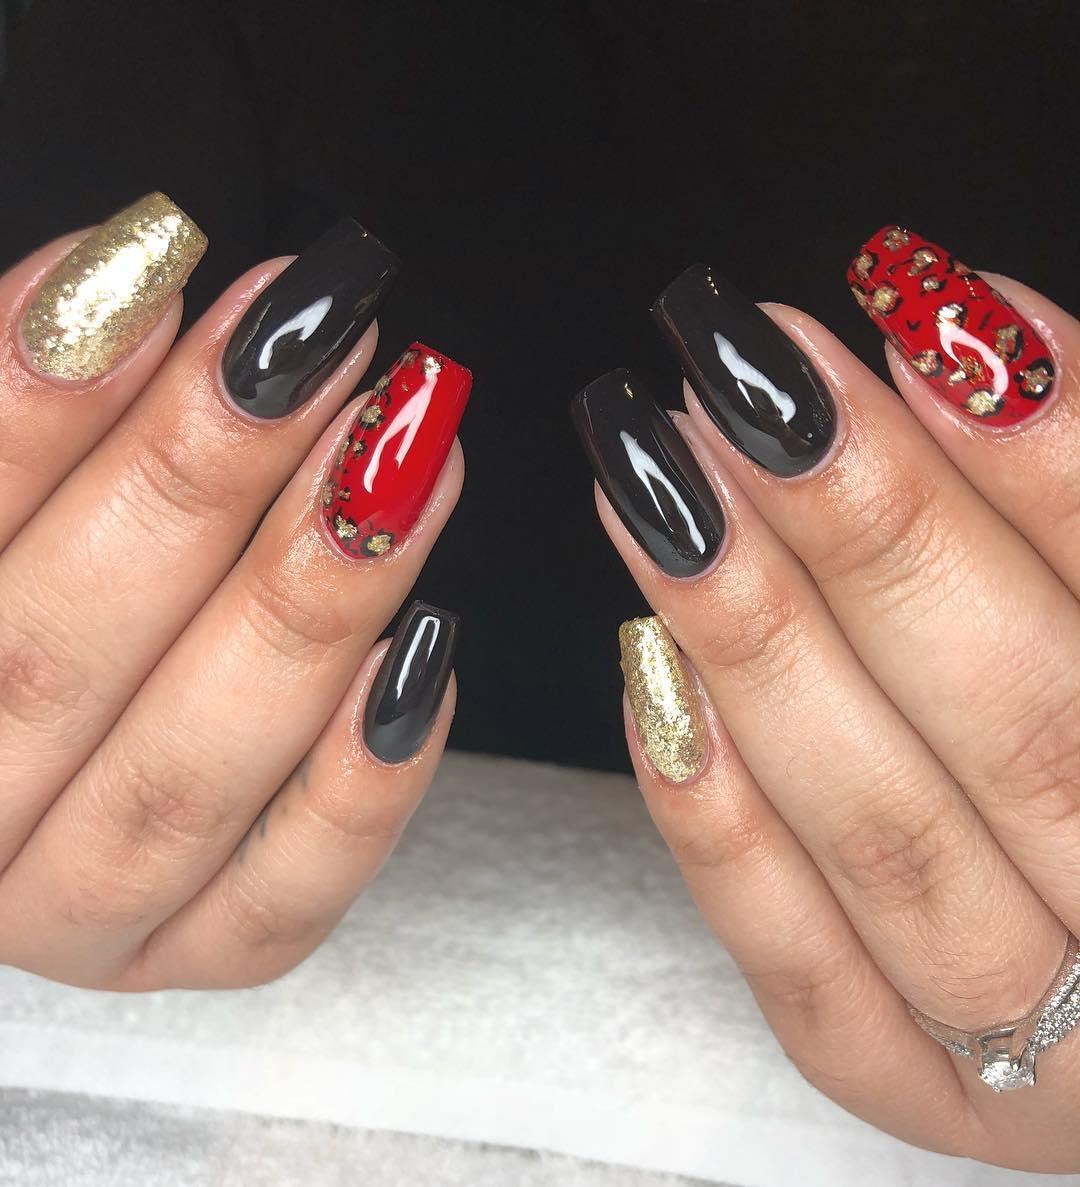 cheetah nail art designs and ideas for 2019 2 - 25 Cheetah Nail Art Designs and Ideas for 2019